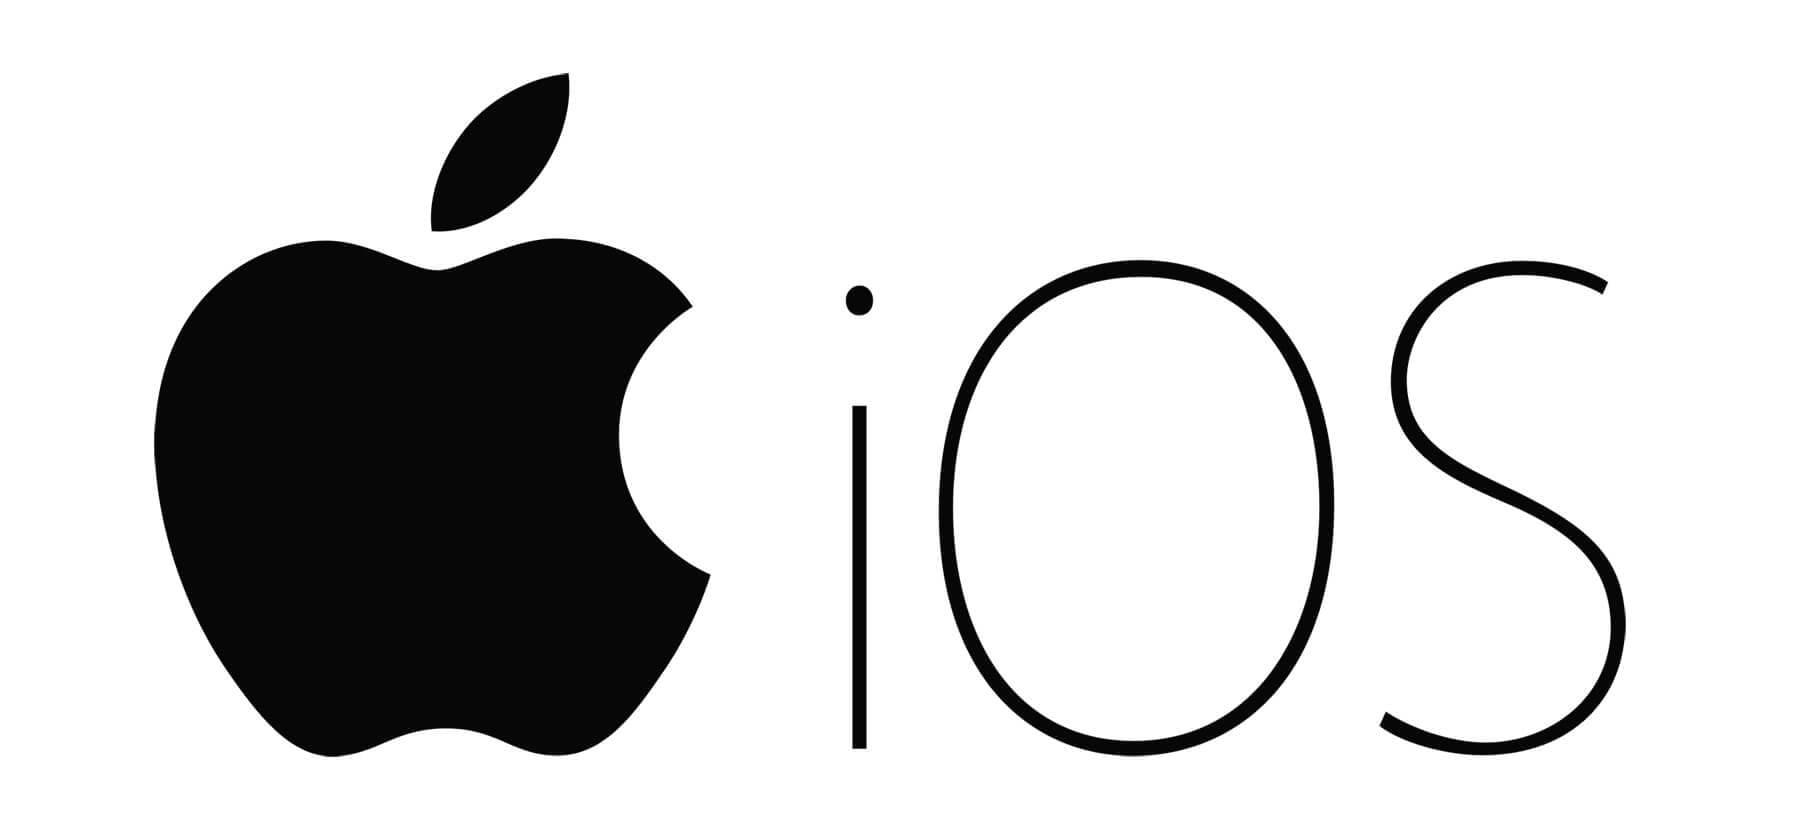 OShirt t-shirt design app for iPhone/iPad/iOS